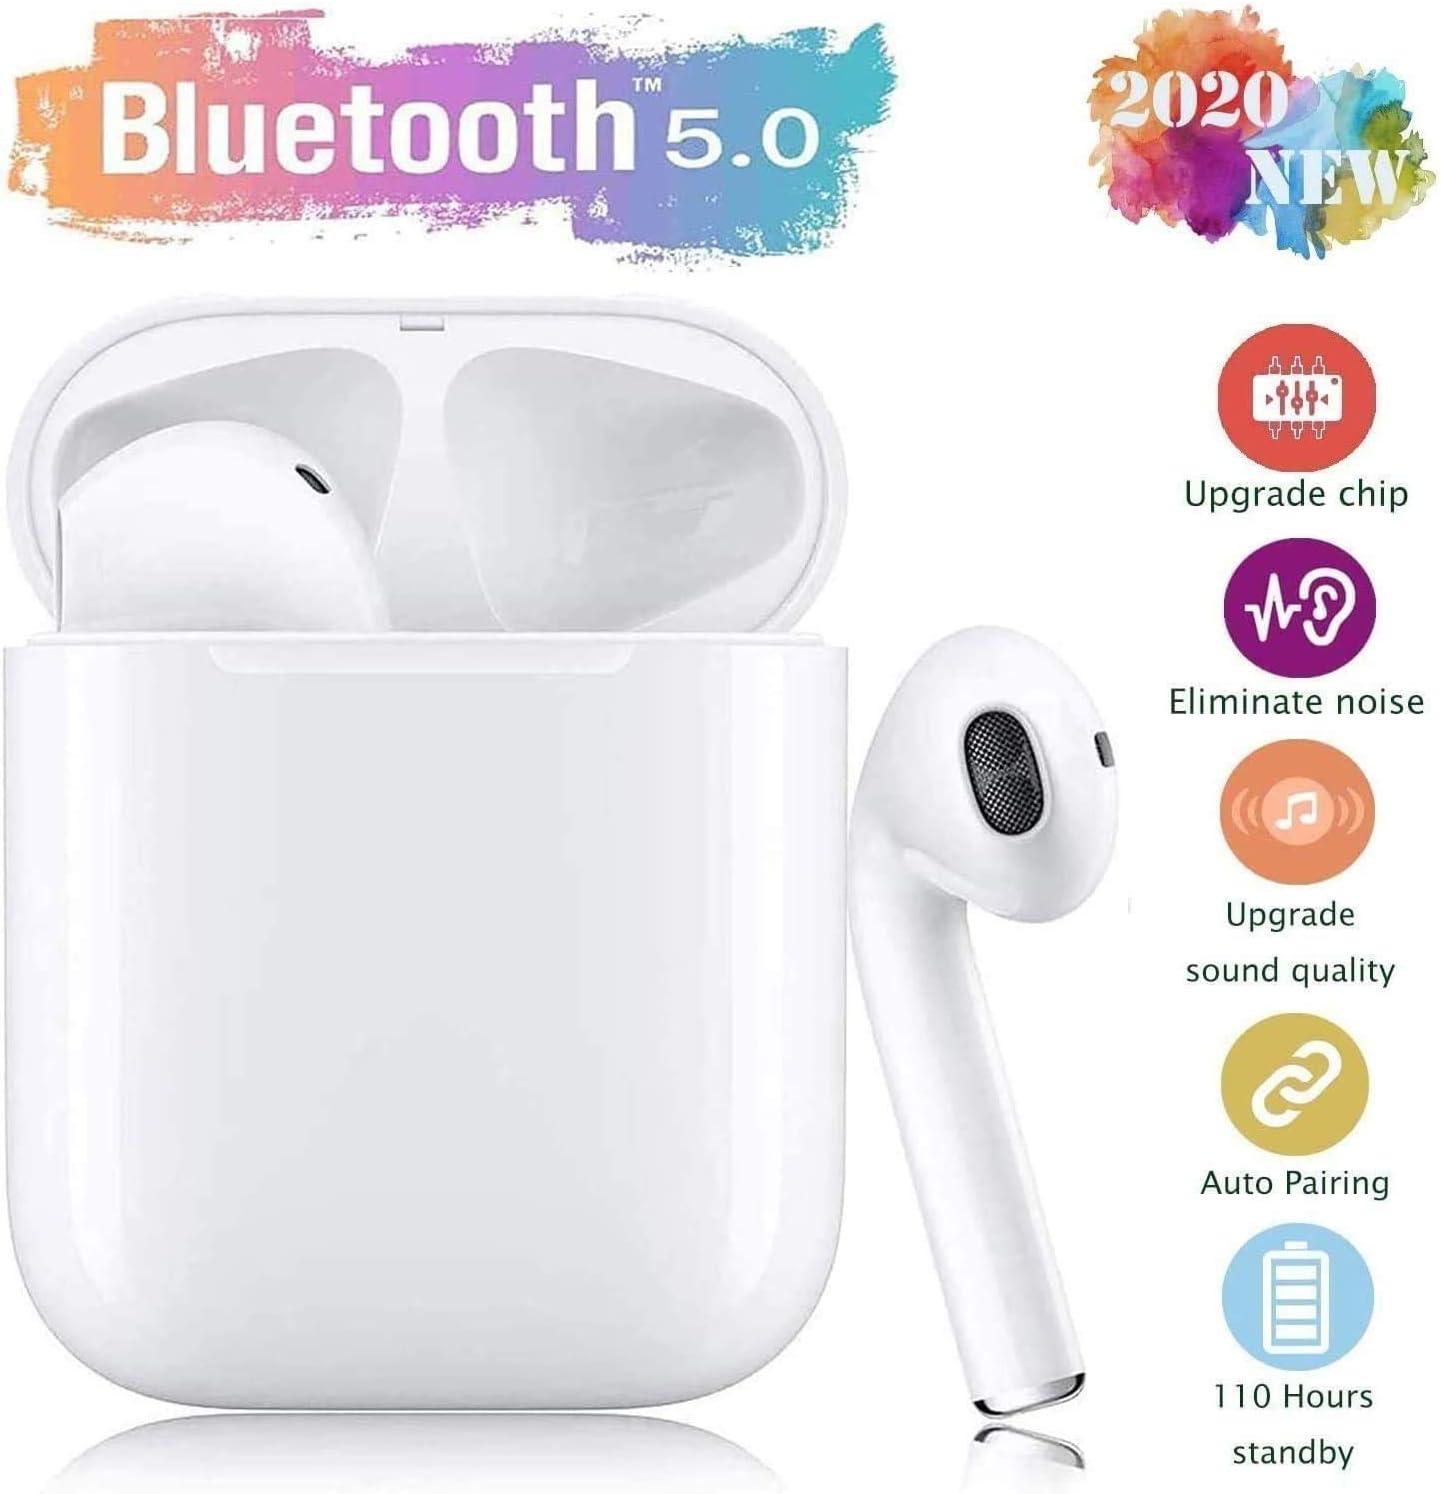 Auriculares Bluetooth, Auriculares inalámbricos 3D estéreo HD Bluetooth Deporte con Micrófono Reducción de Ruido CVC 8.0 Cascos Caja de Carga, IPX5 Resistentes al Agua Carga Rapida - Blanco